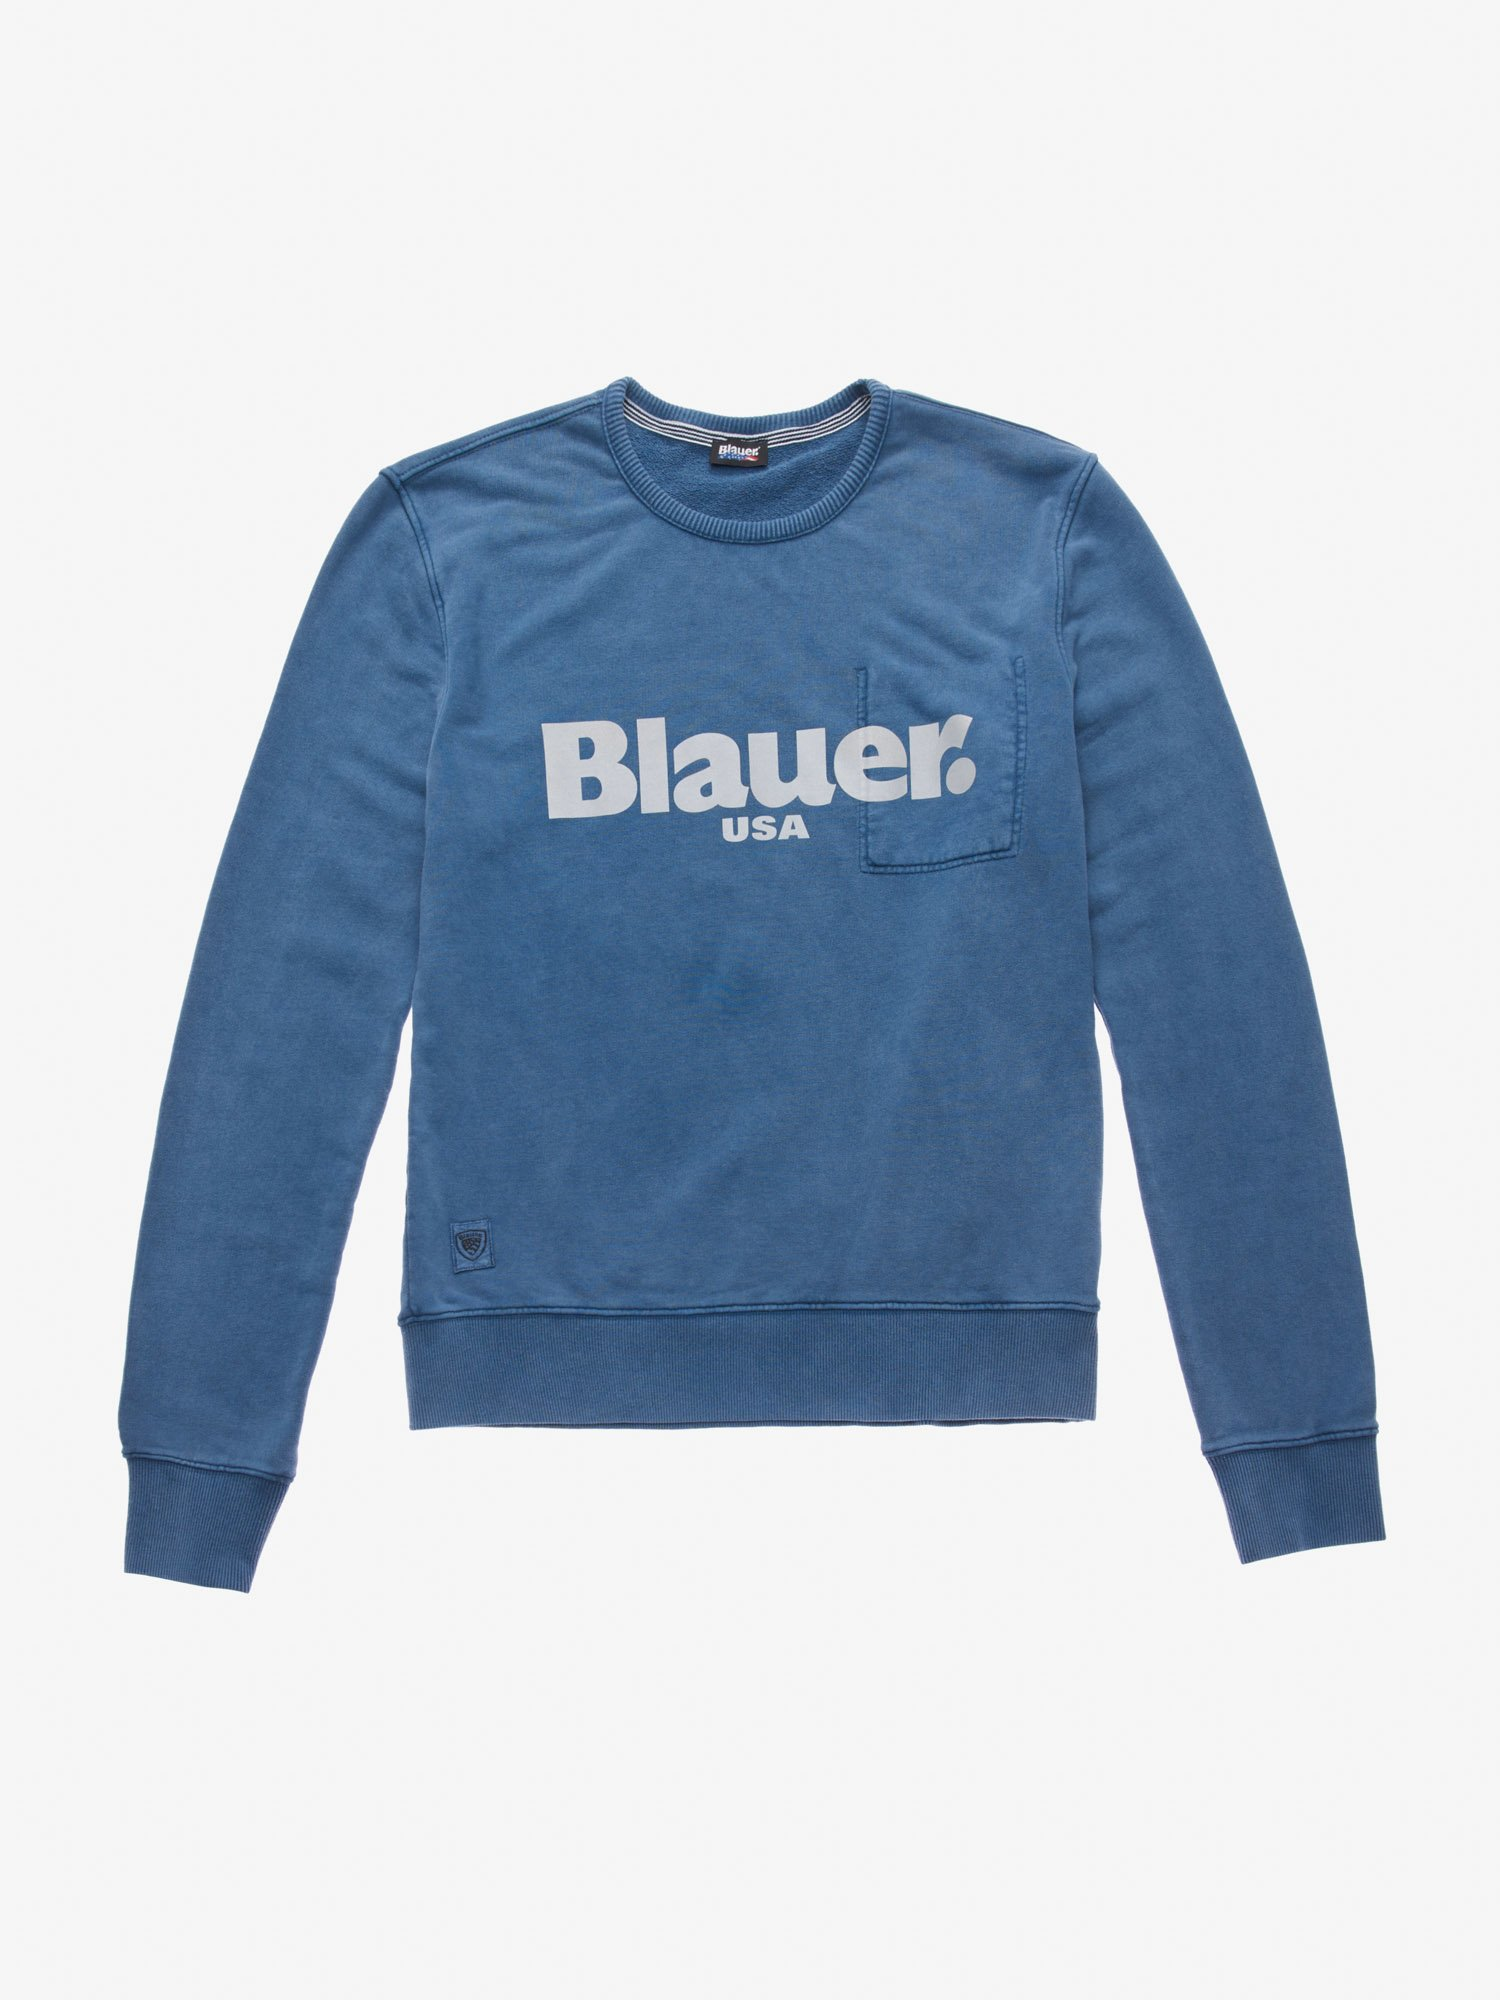 Blauer - GARMENT DYED CREWNECK SWEATSHIRT - Blue Ink - Blauer